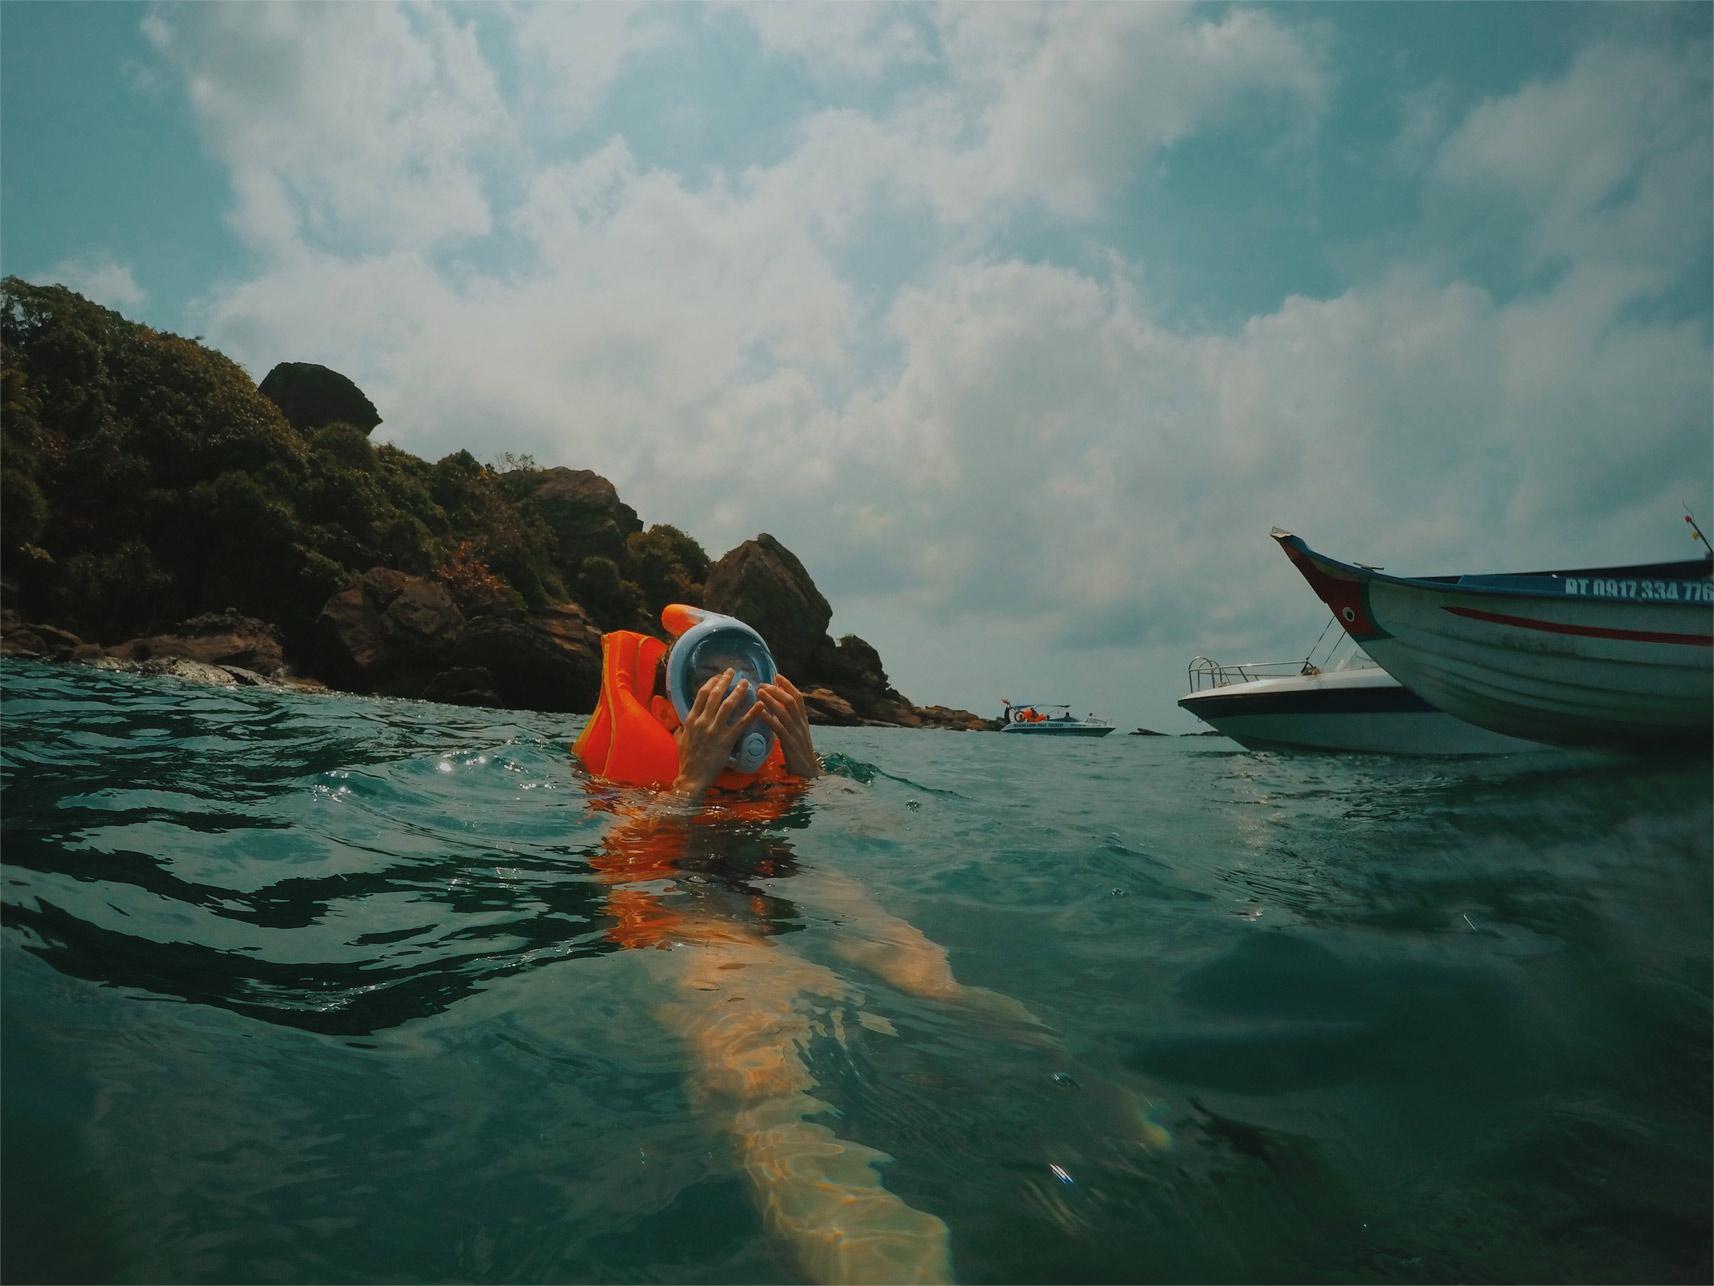 snurkowanie w an thoi plaze w wietnamie neverendingtravel.pl